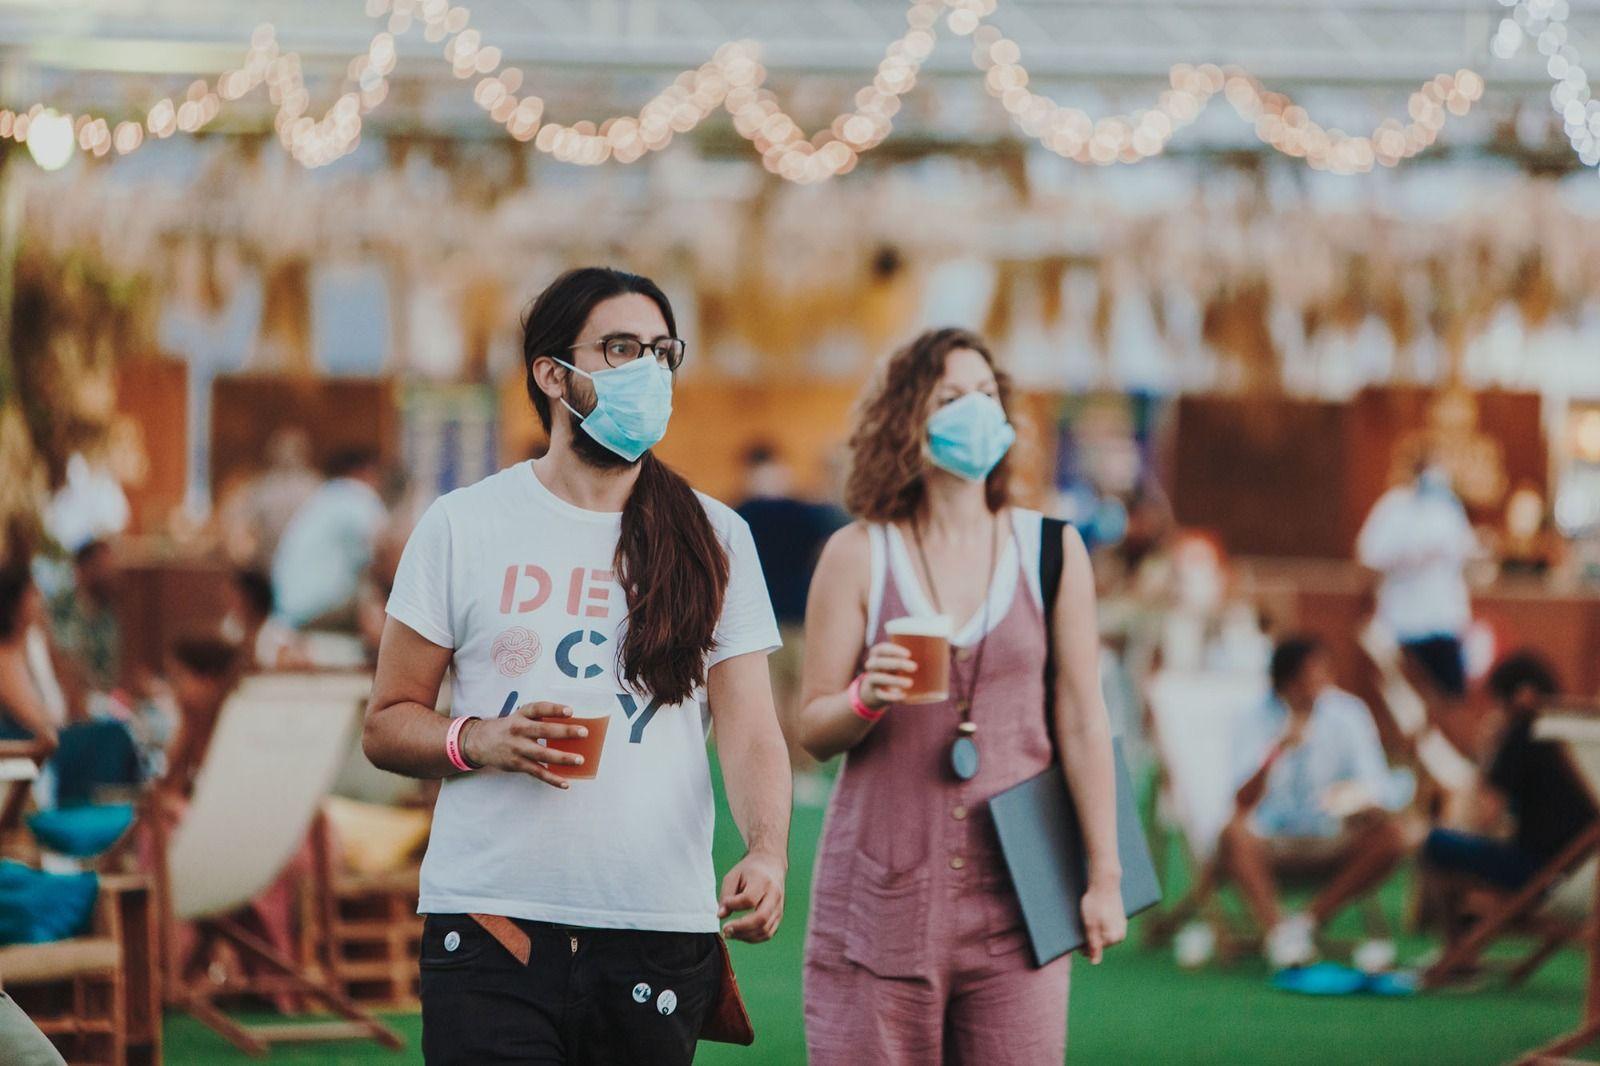 La cultura le echa un pulso al coronavirus, por culturacv.com